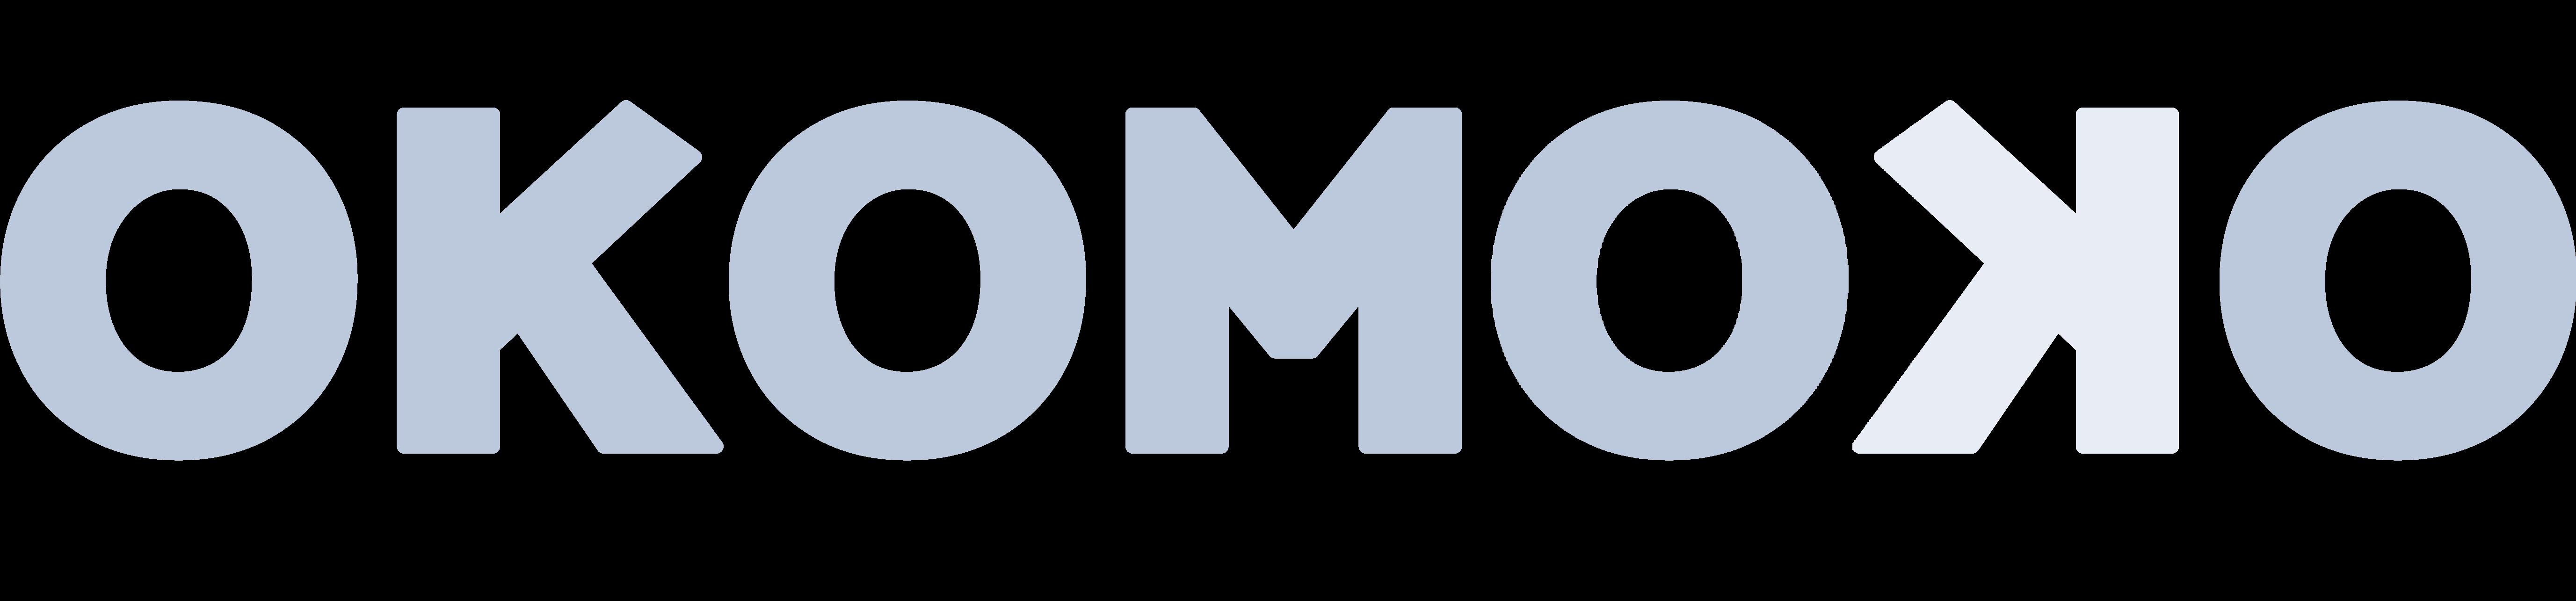 Okomoko